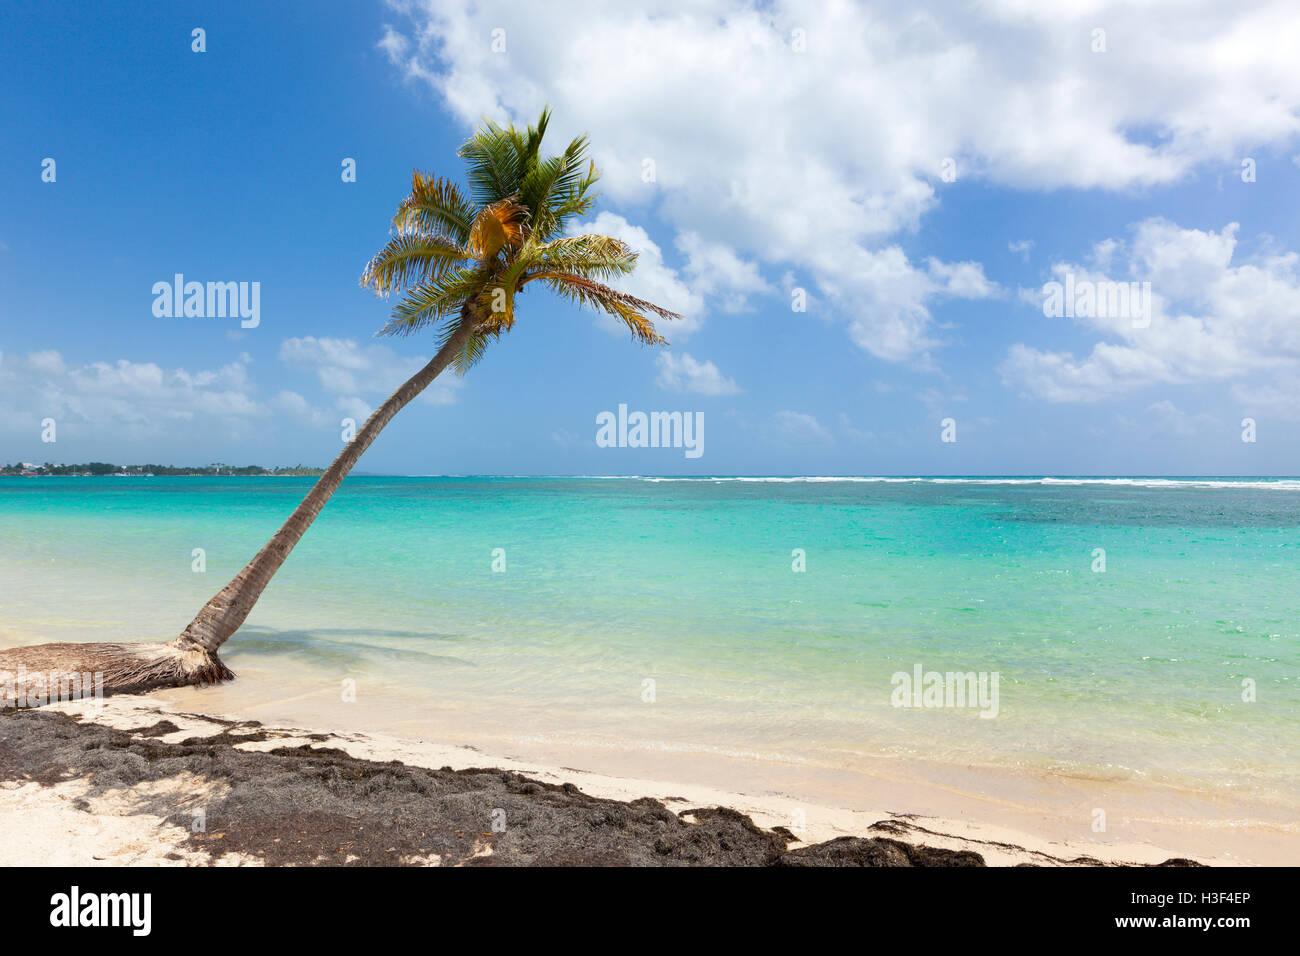 Seul palmier au plage de la mer des Caraïbes, la Guadeloupe Photo Stock